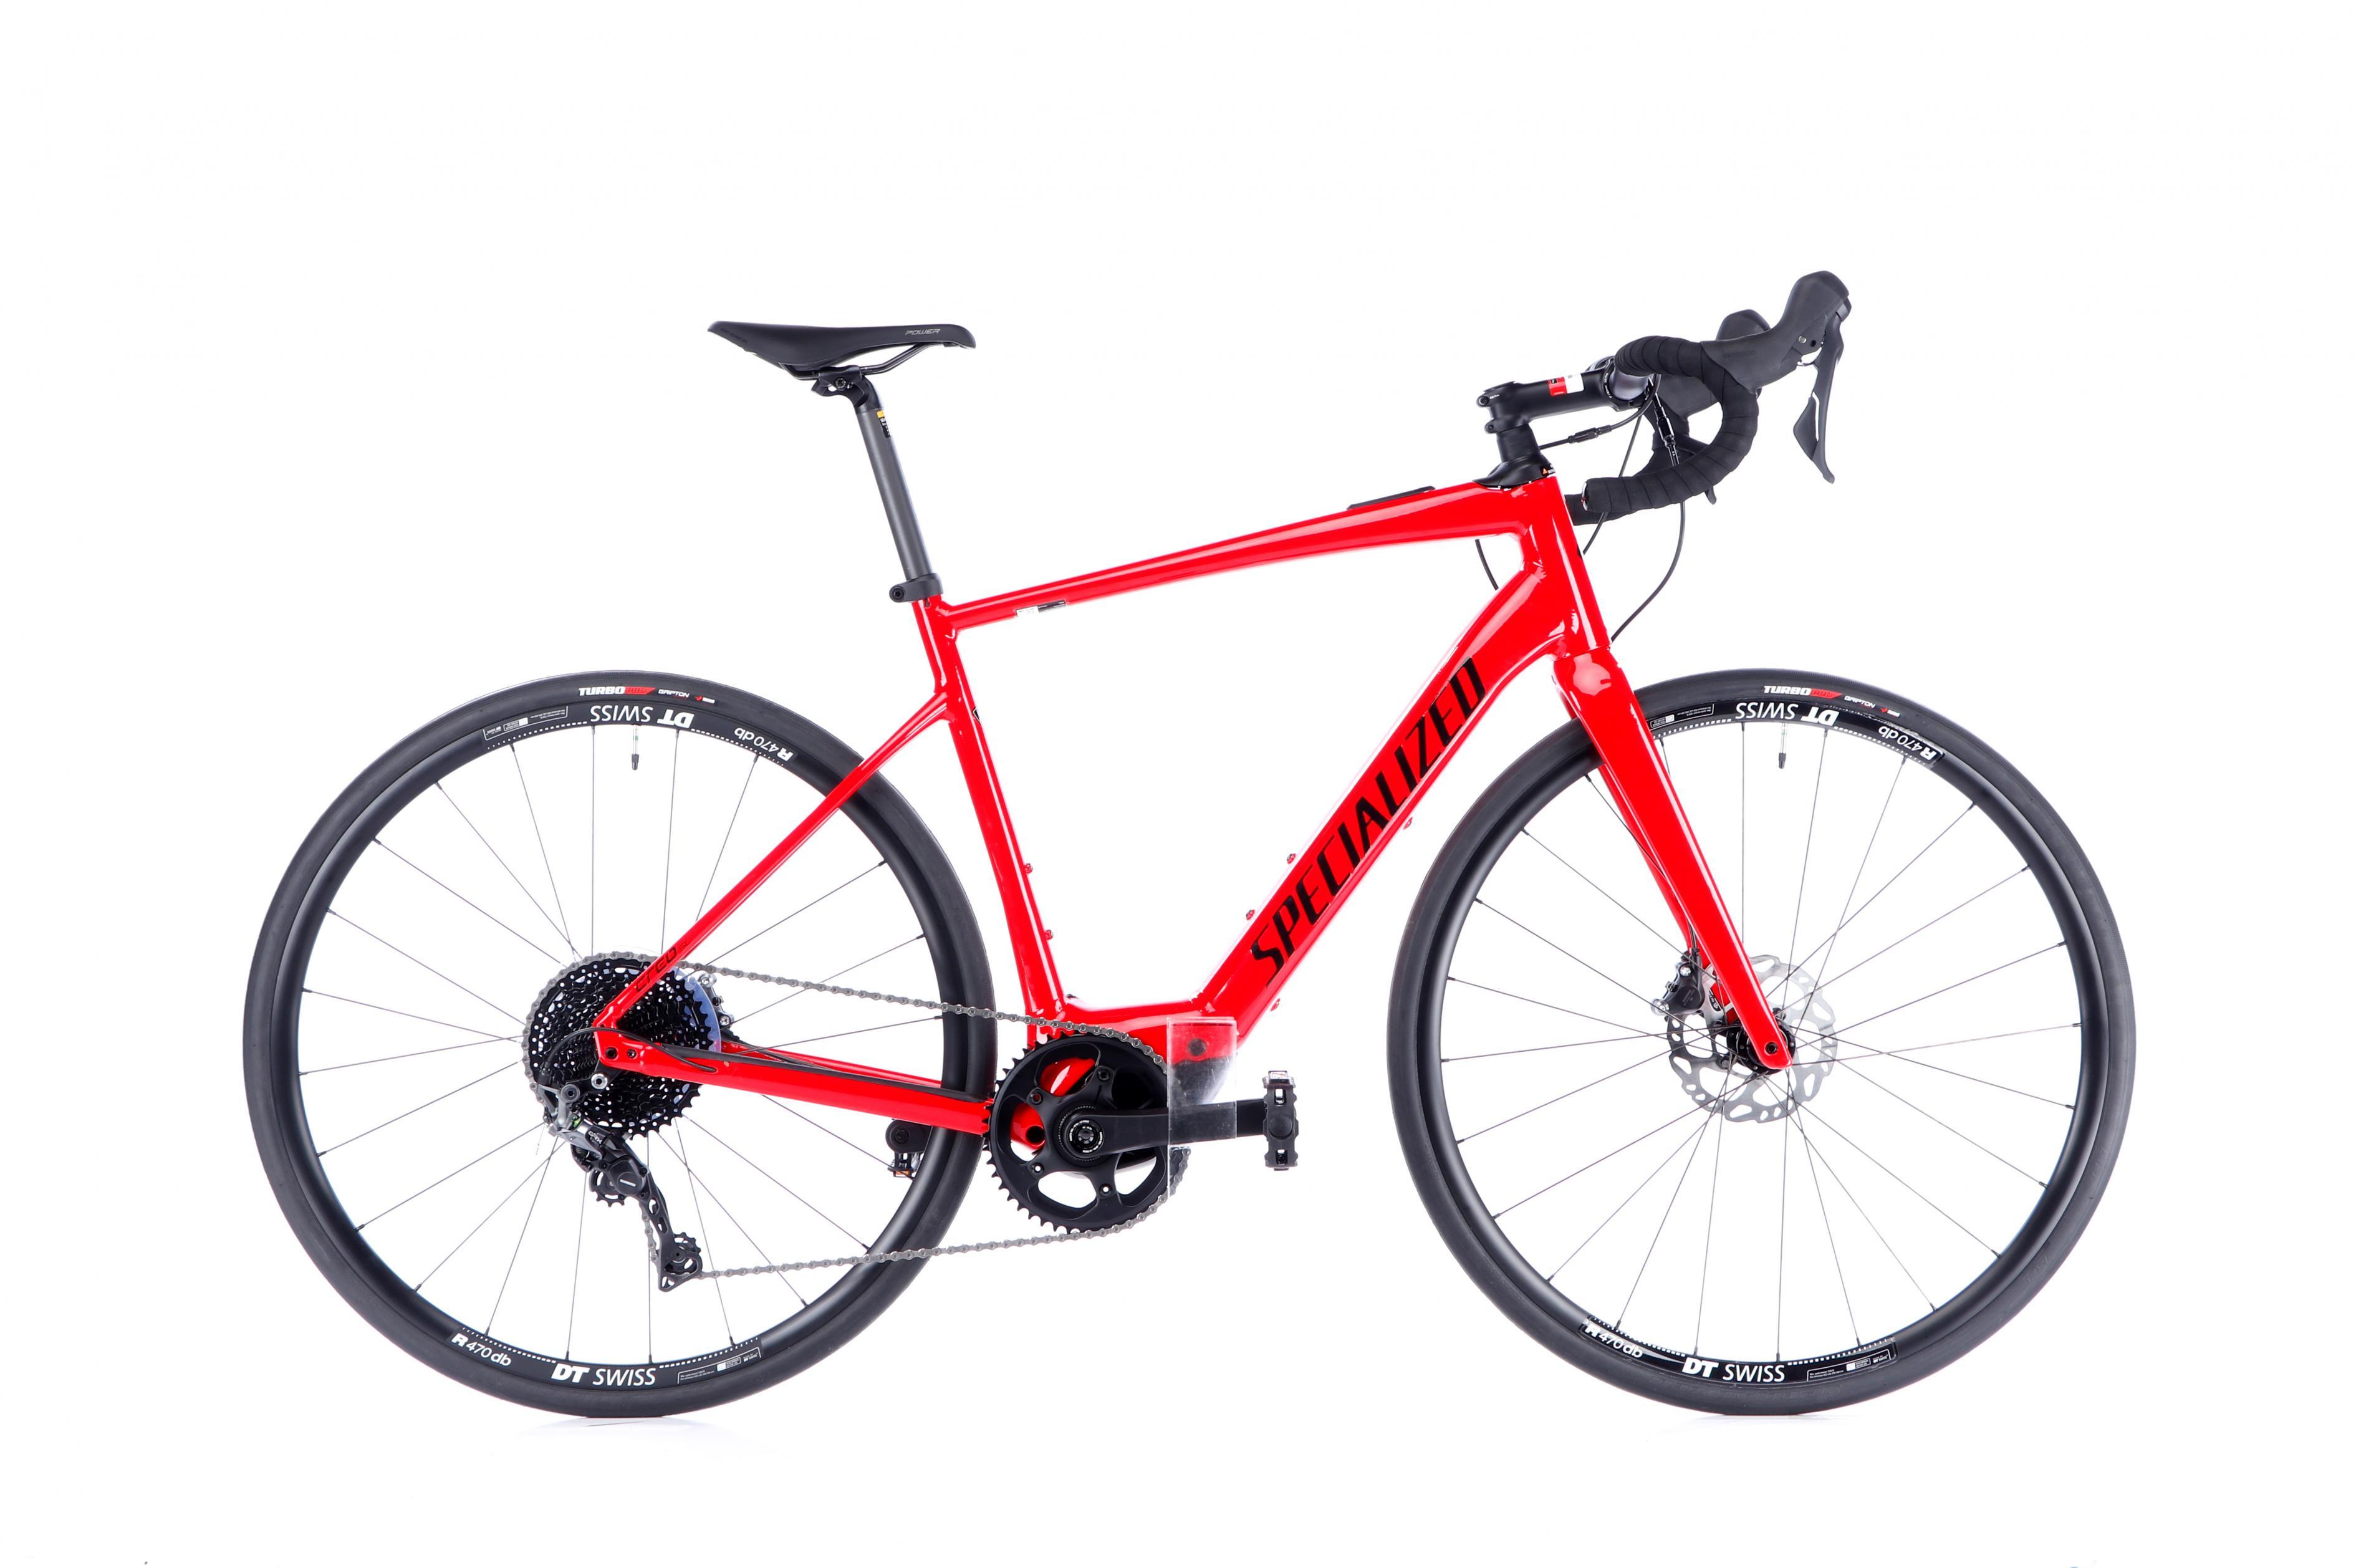 SPECIALIZED Turbo Creo SL E5 Comp Specialized 53 cm 2020 E-Bike